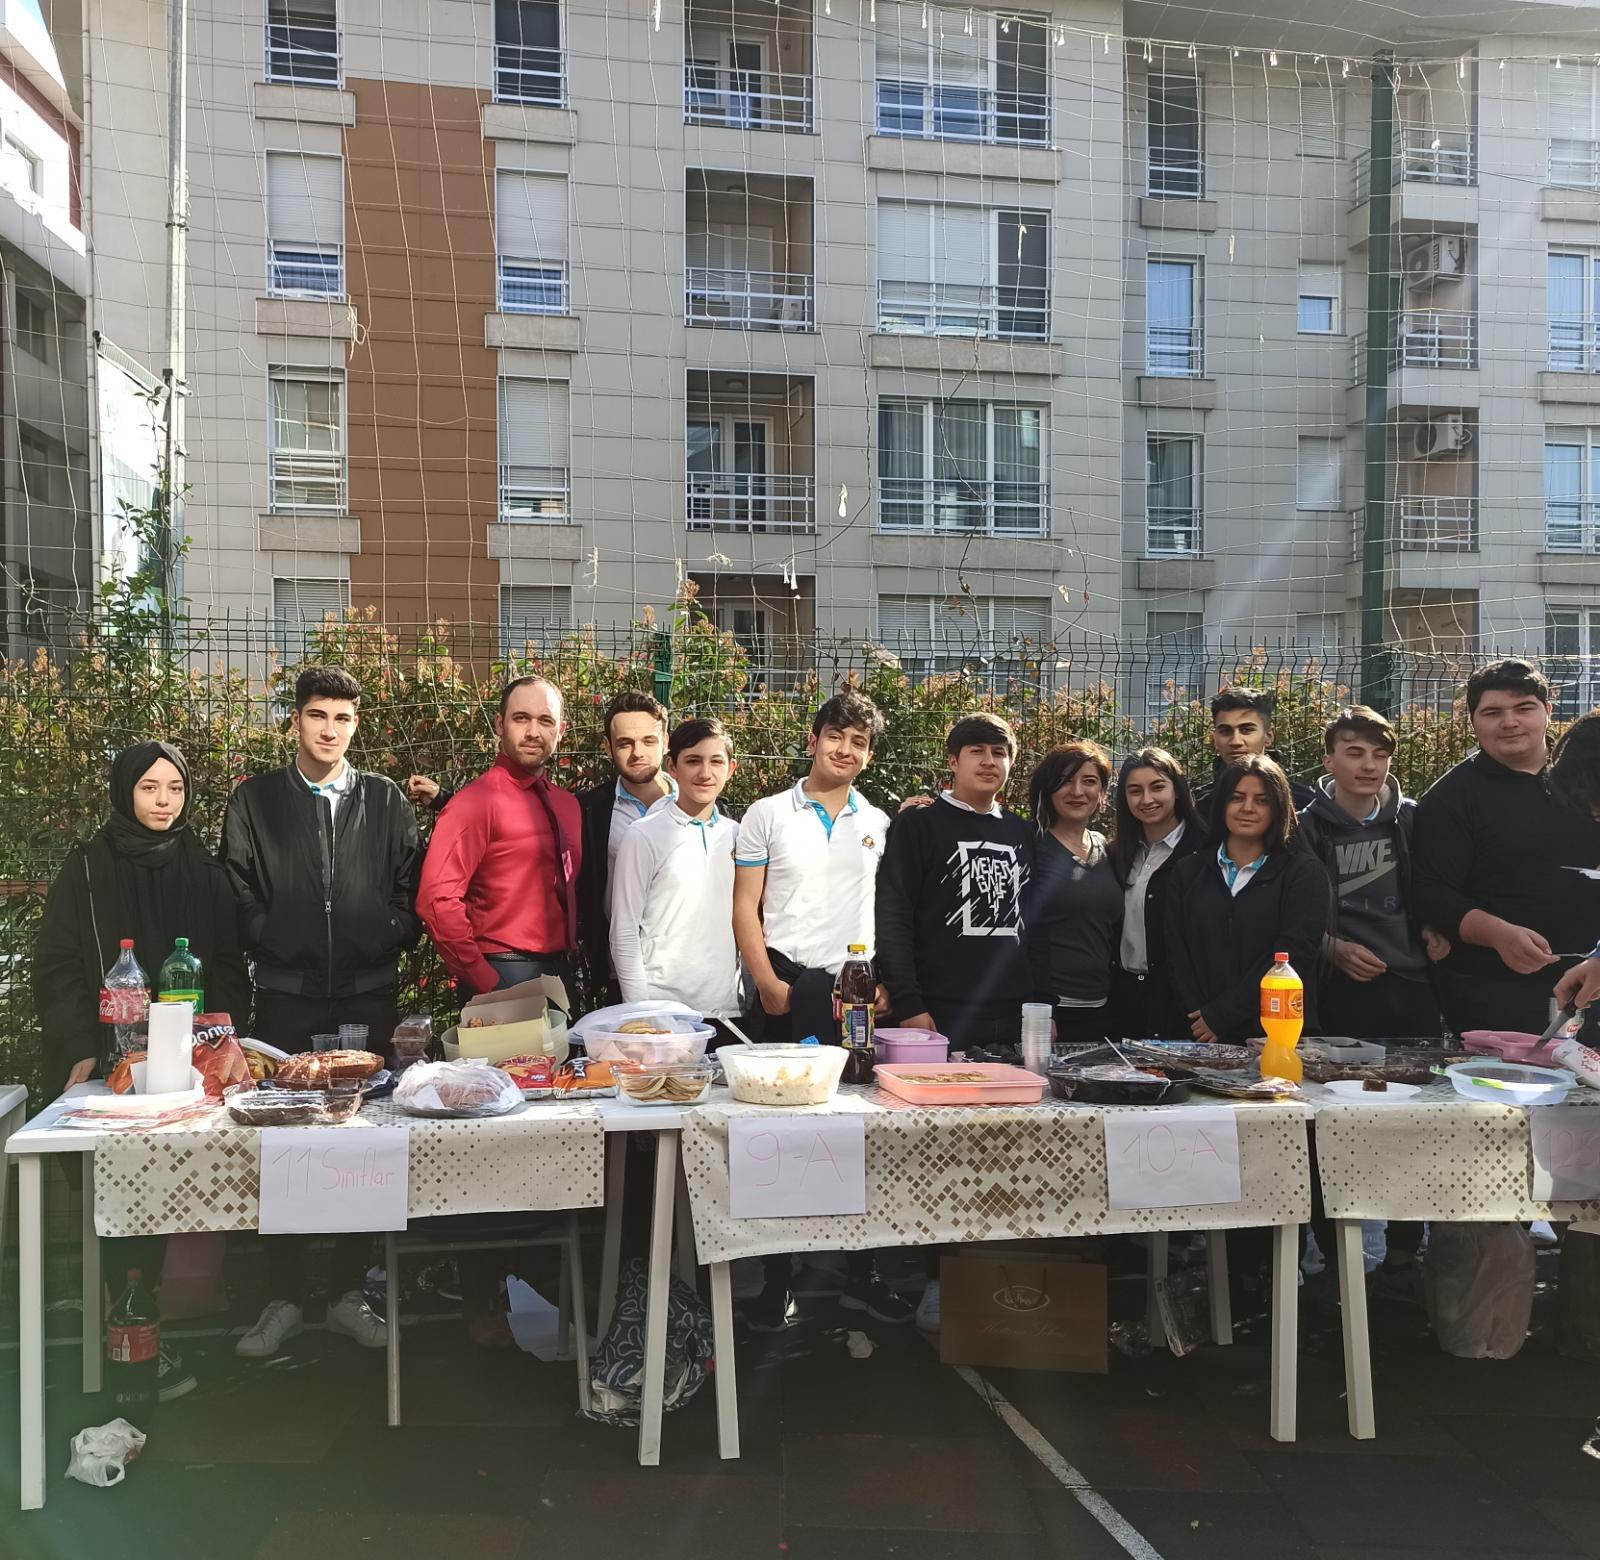 Göktürk Final Ortaokulu & Anadolu Lisesi , Şehit Ailelerine bağışlanmak üzere kermes düzenledi.